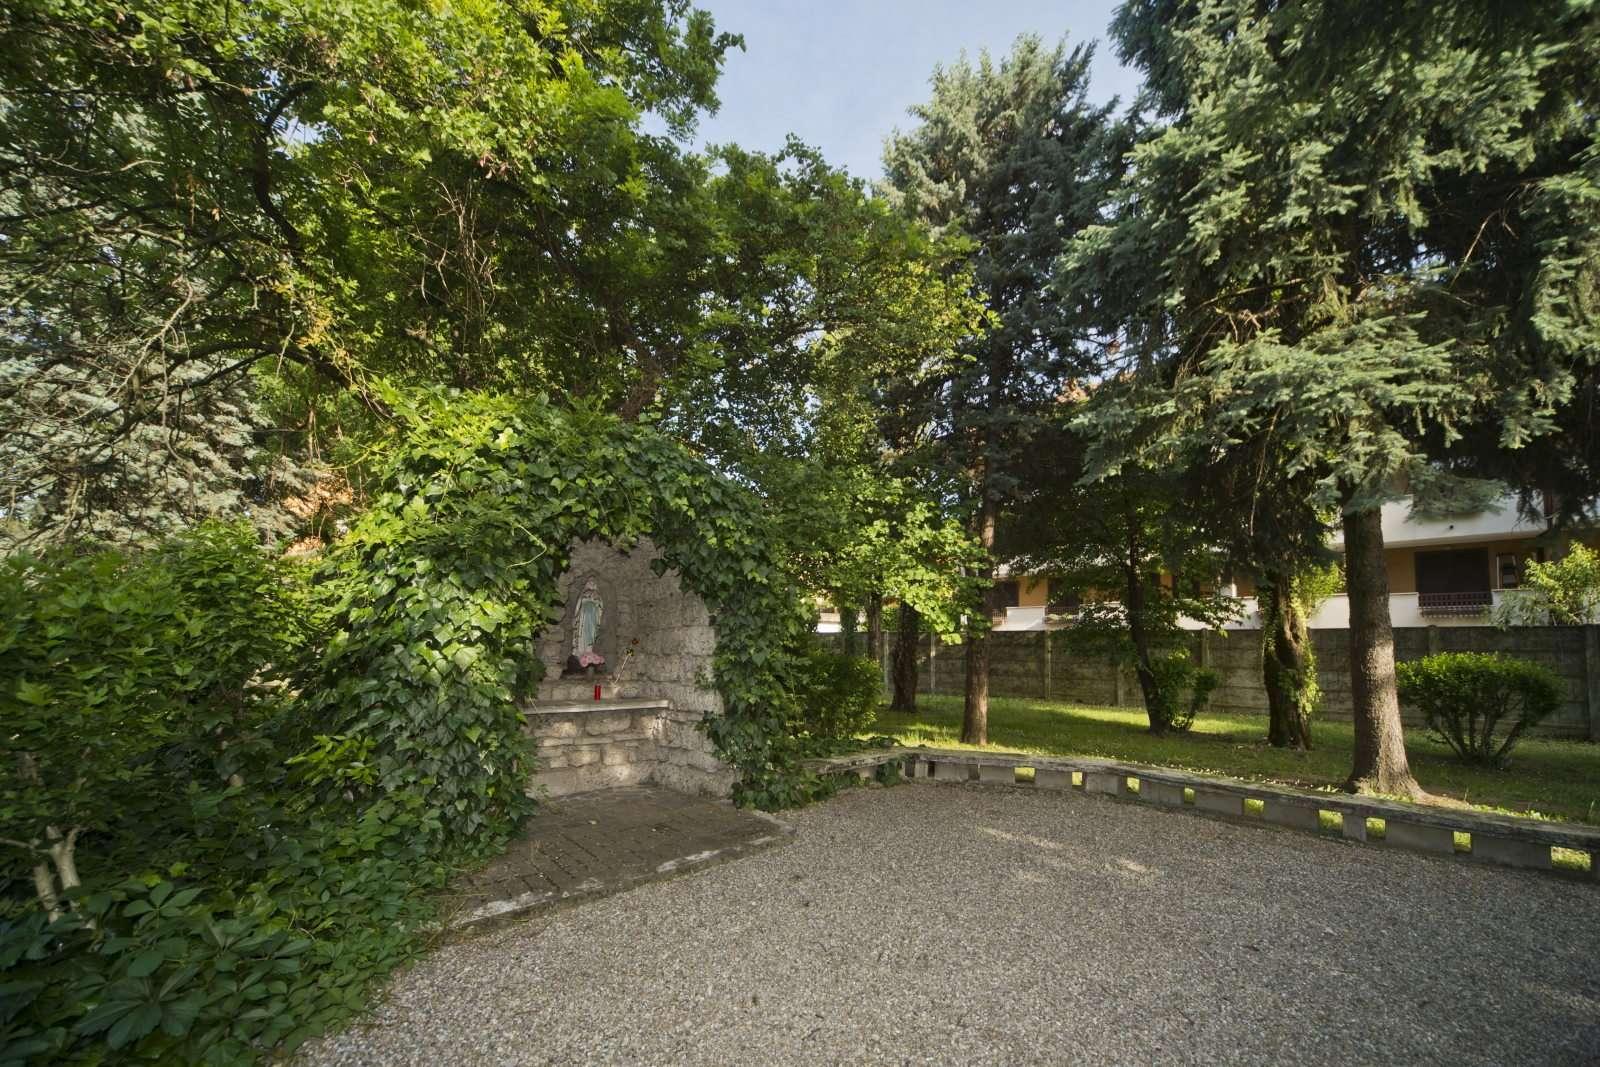 038 D4C 5583 Ridotte - Scuola Materna Peschiera Borromeo